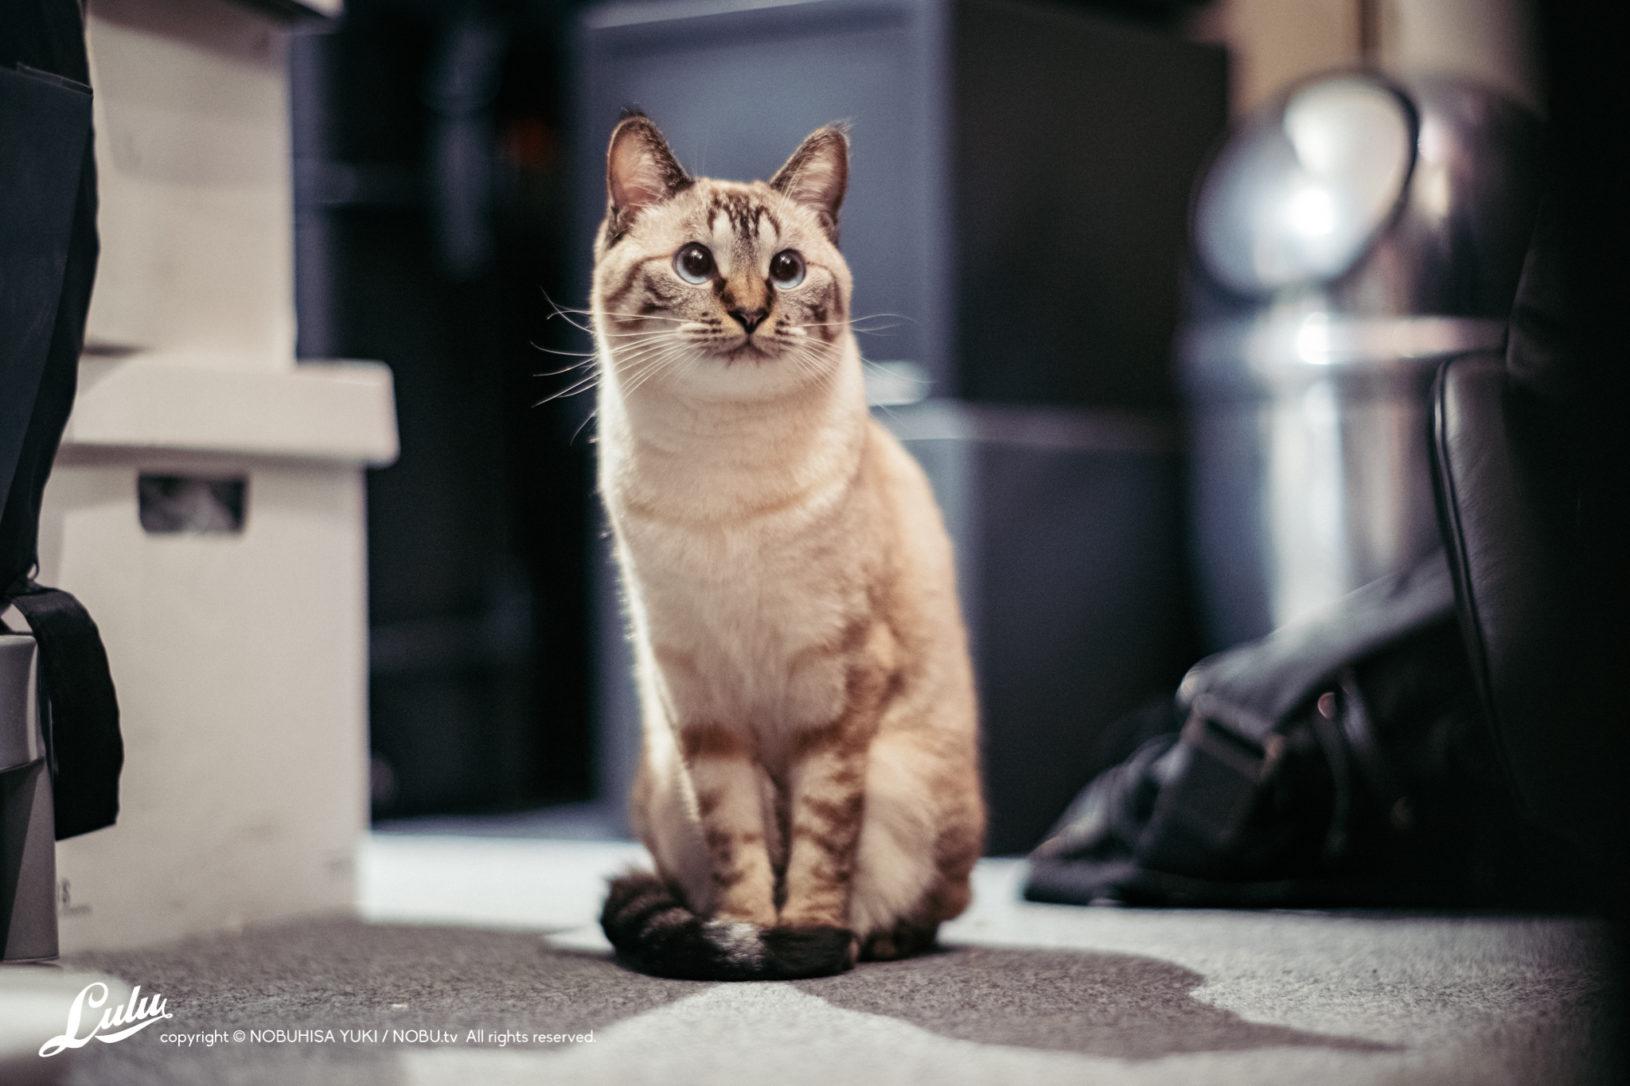 シャムトラ『Lulu』